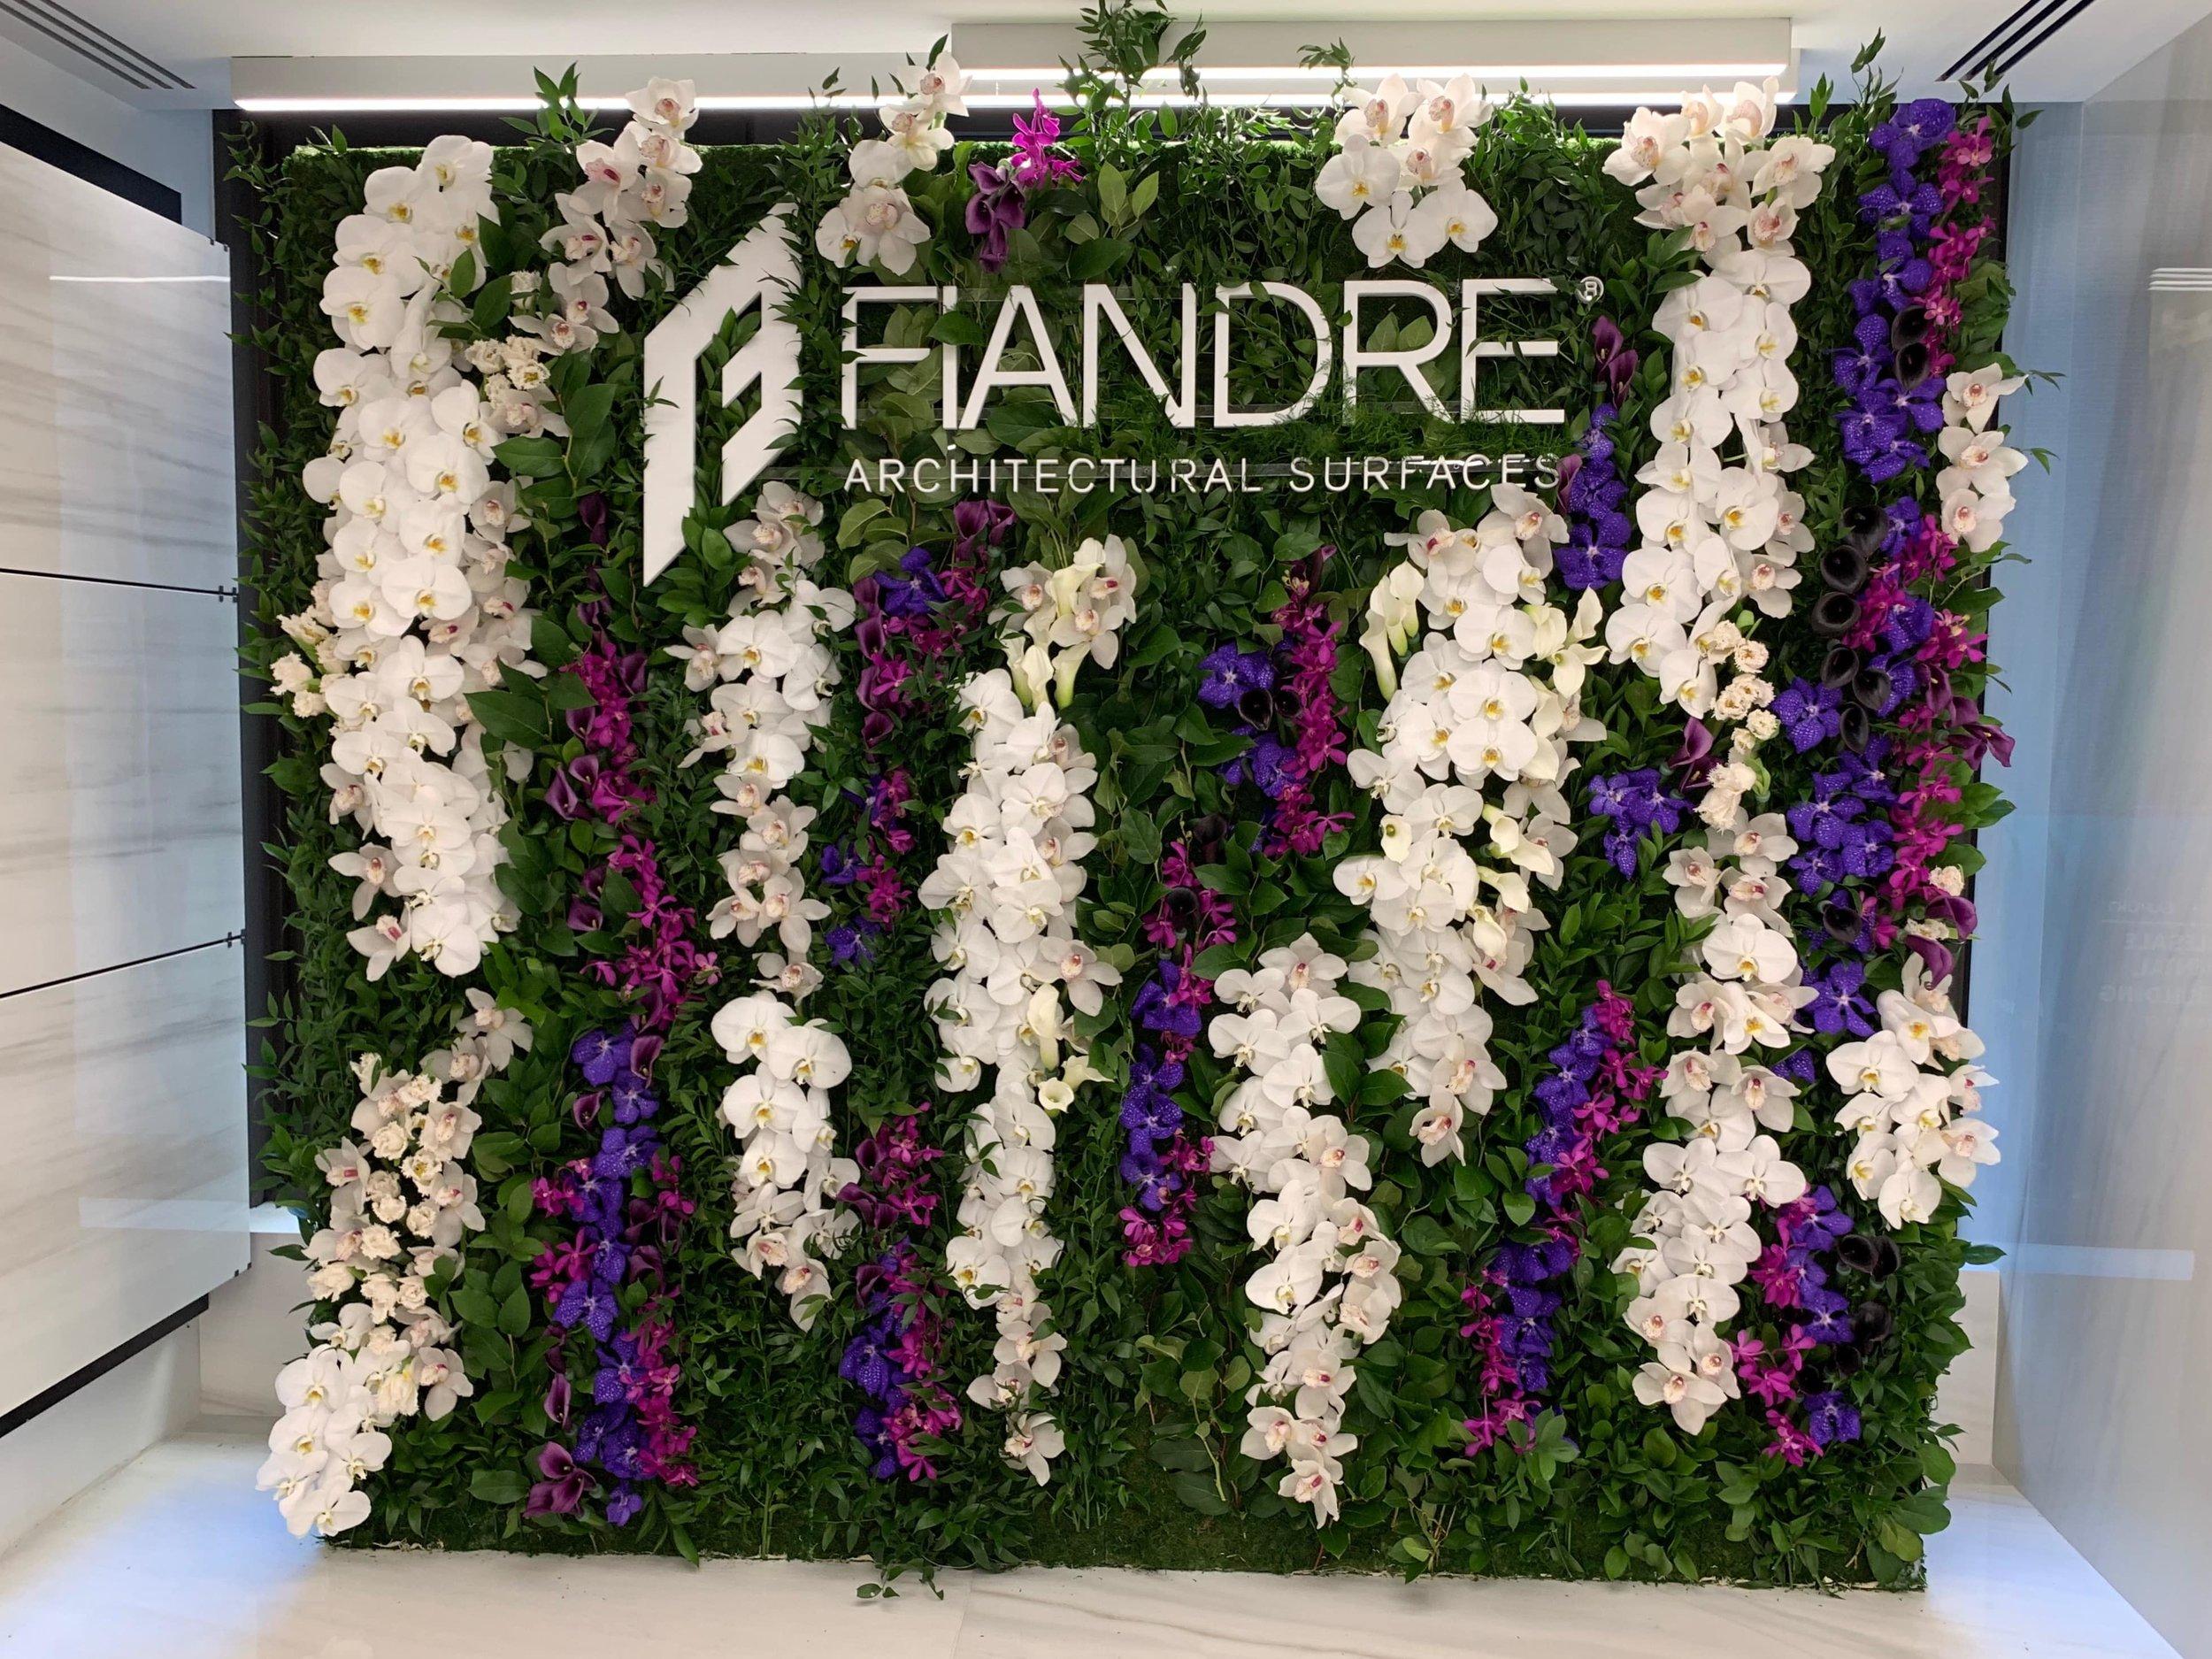 Fiandre Flower Wall